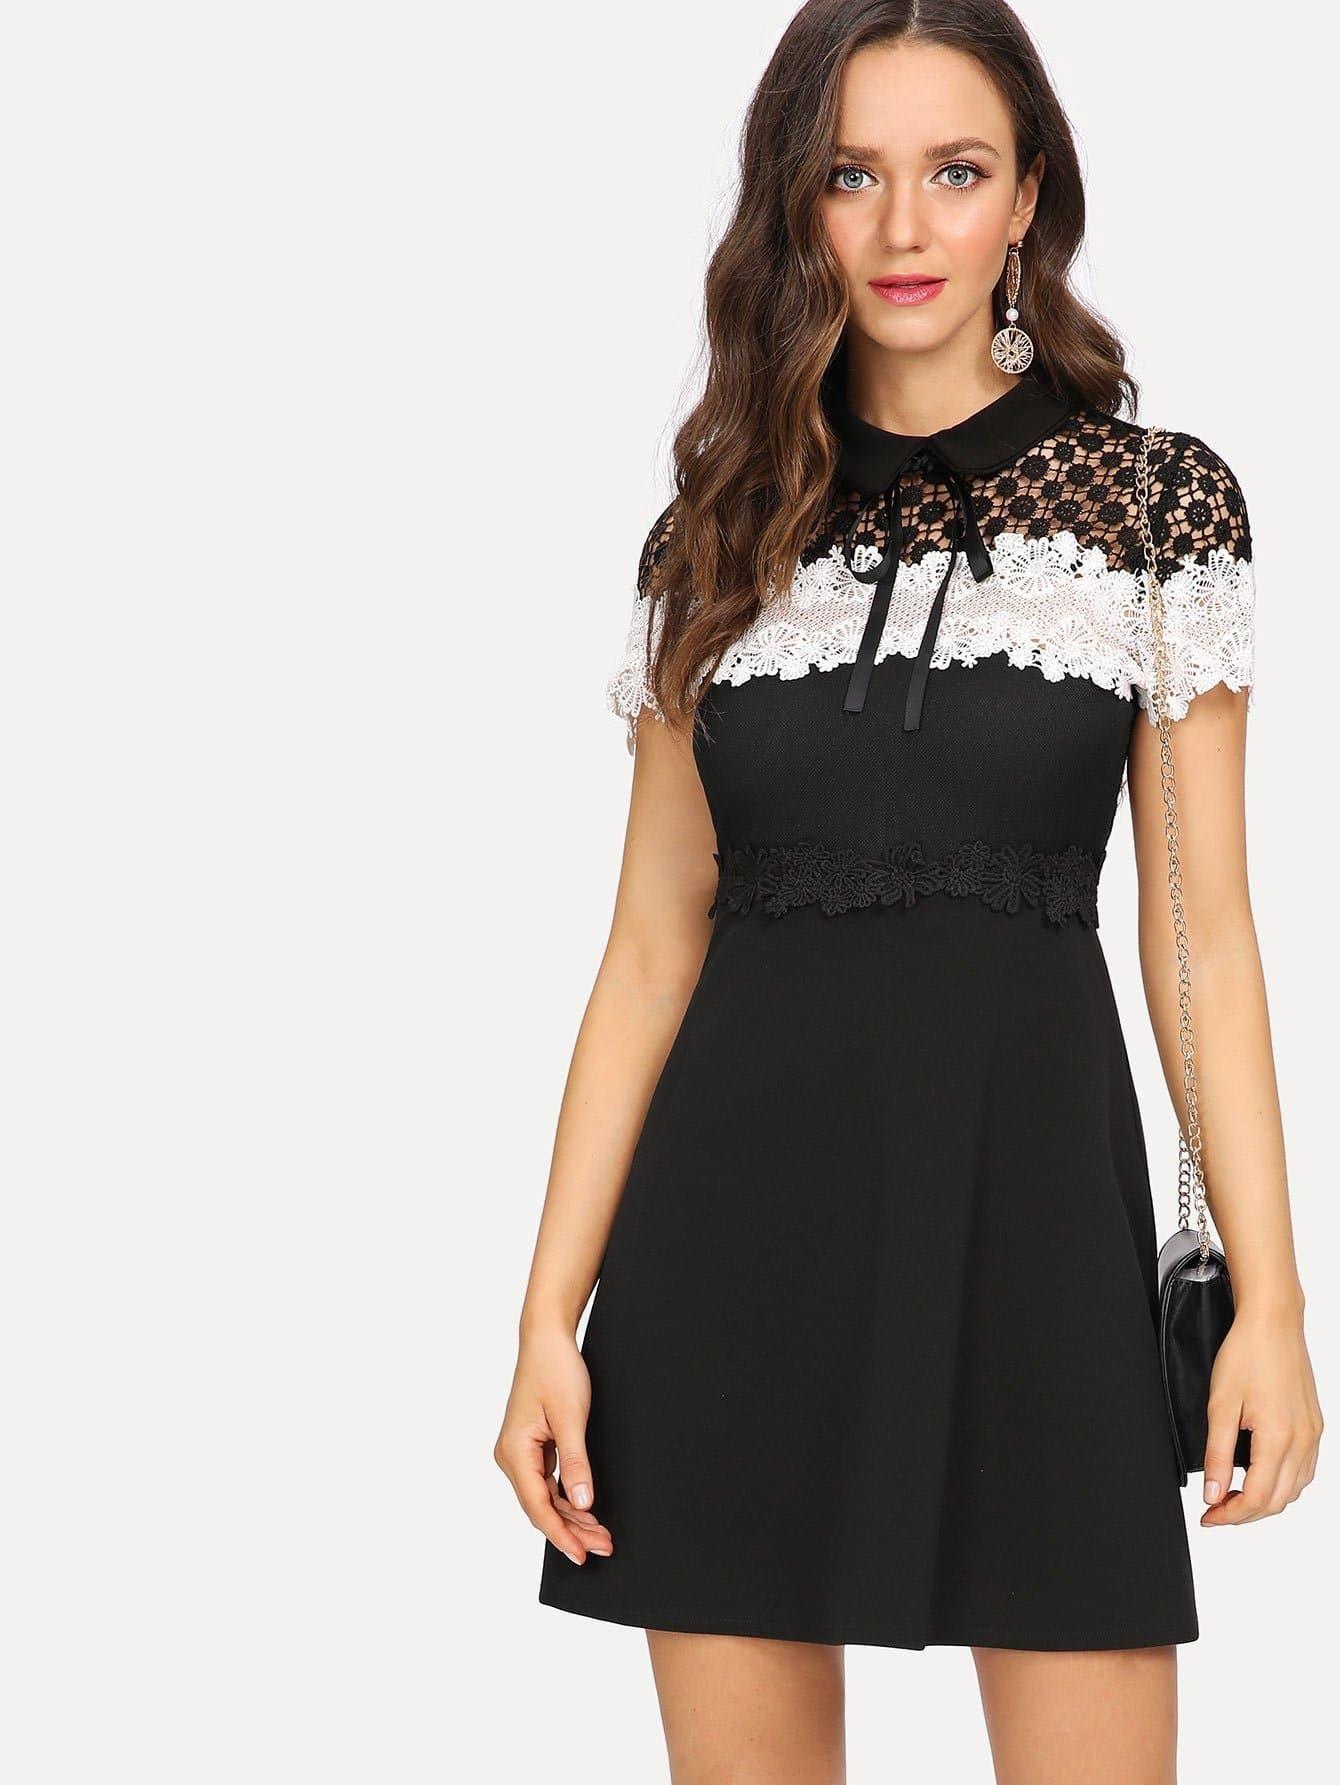 Tie Neck Hollow Crochet Lace Panel Dress crochet lace panel top